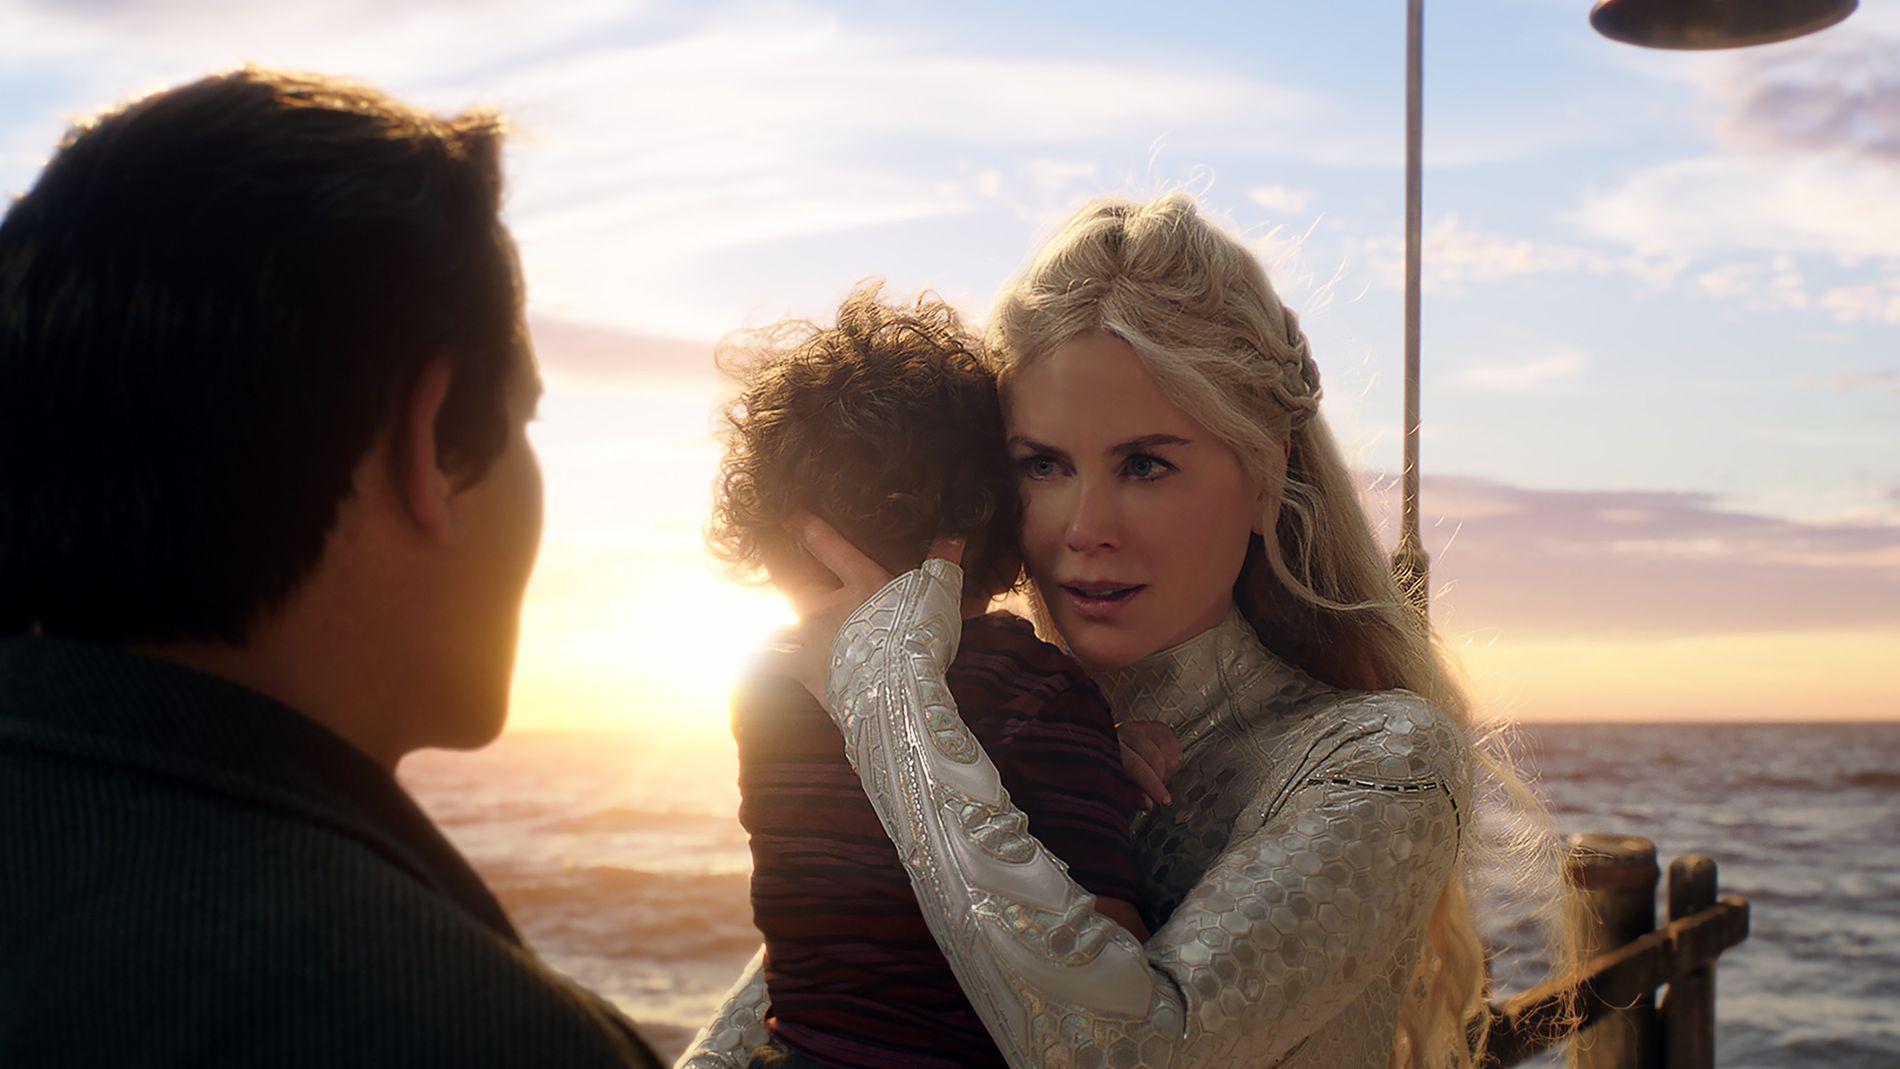 FORBUDT KJÆRLIGHET: Dronning Atlanna av Atlantis, spilt av Nicole Kidman, må forlate sin førstefødte sønn og kjæresten Tom på land, for å sikre at hennes egentlige forlovede i havet ikke kommer etter dem.